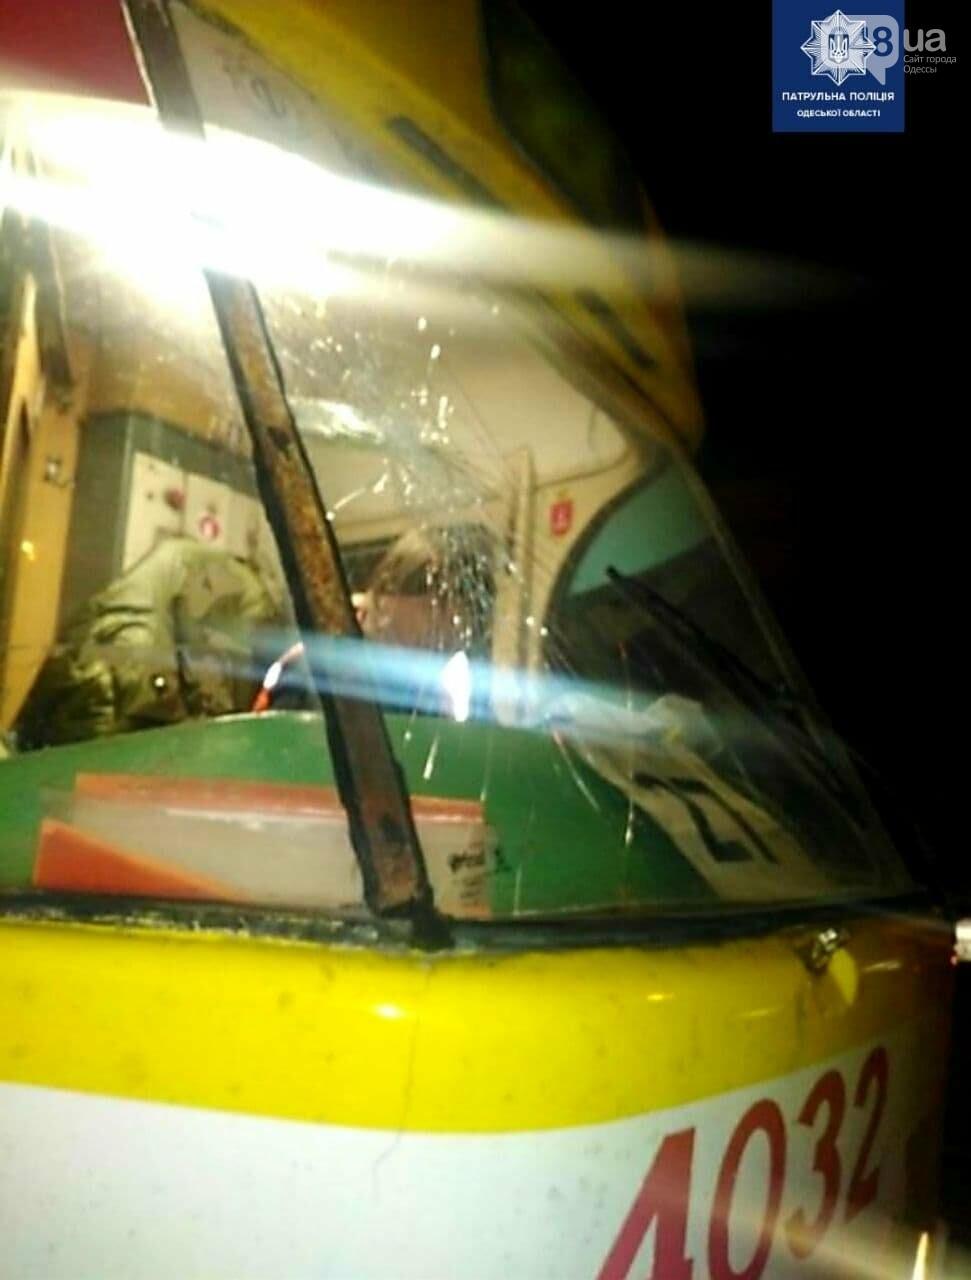 Вёл себя неадекватно и разбил стекло трамвая: в Одессе задержали хулигана, - ФОТО, фото-2